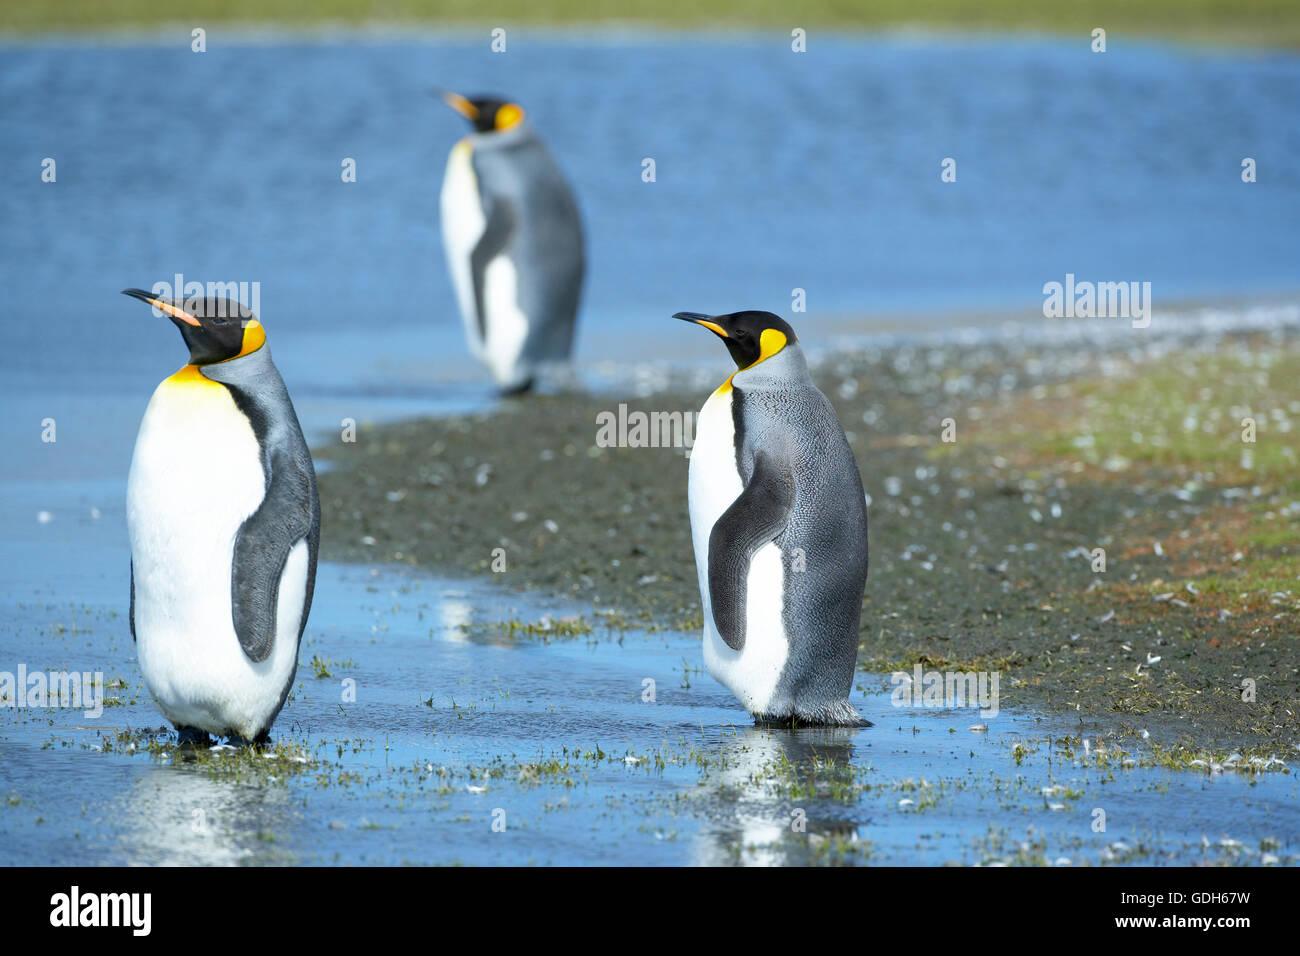 Trois manchots royaux (Aptenodytes patagonicus) debout dans l'eau, point de bénévoles, East Falkland, îles Falkland Banque D'Images